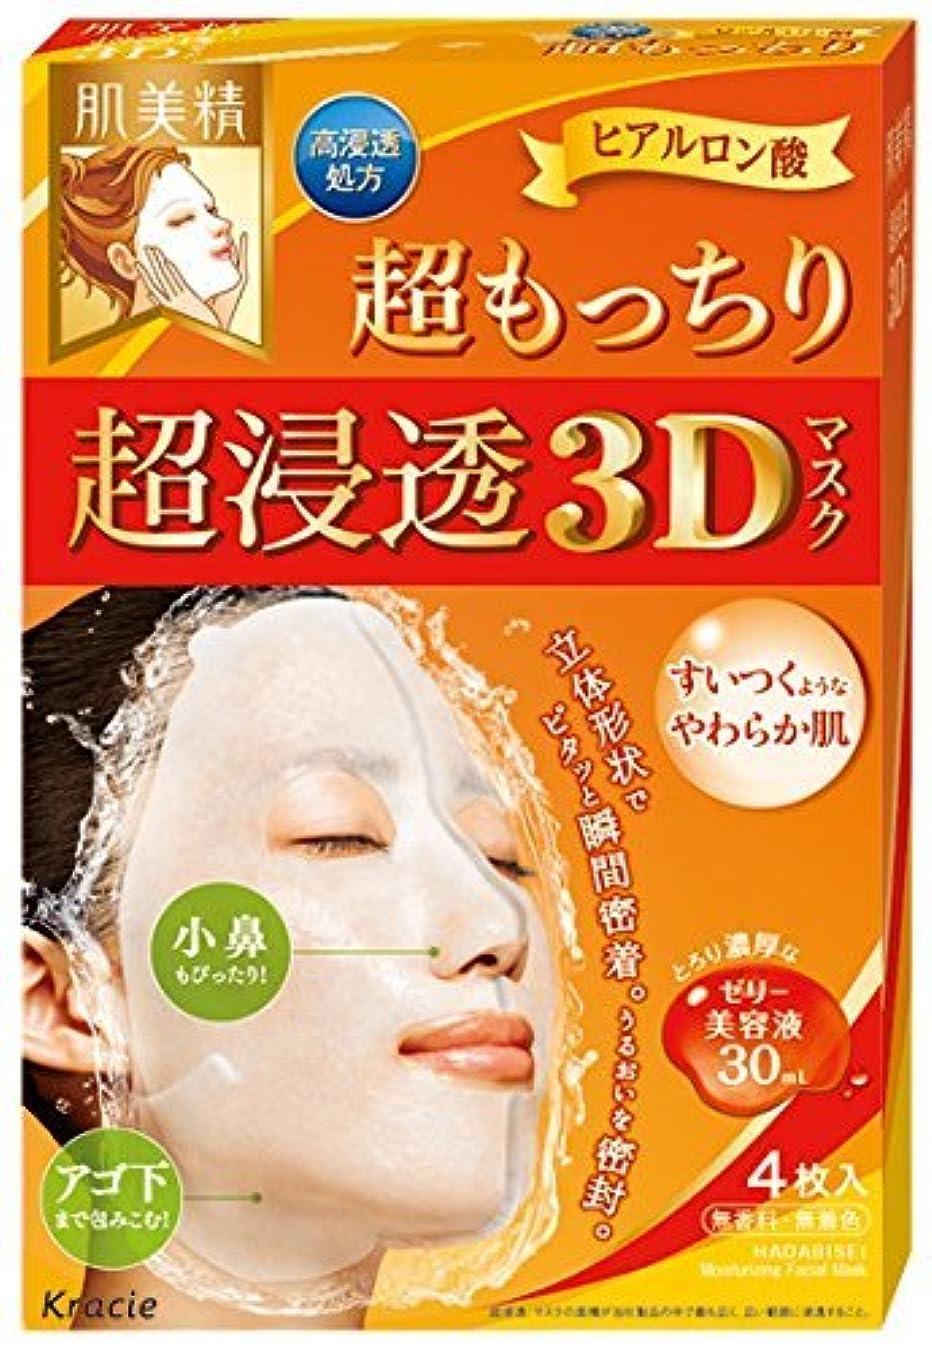 微生物平らなブレス肌美精 超浸透3Dマスク 超もっちり × 5個セット